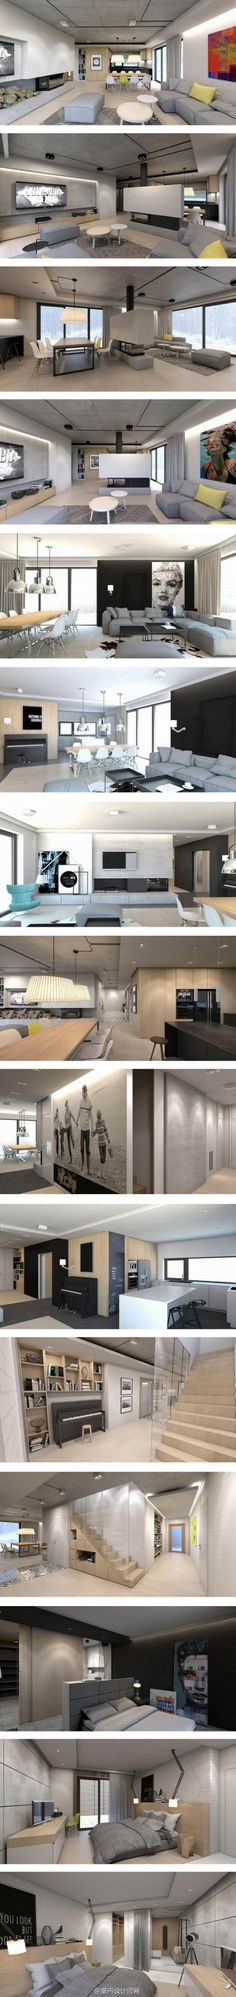 波兰奥济梅克二层住宅,淡色木质清新自然,屋外白雪皑皑,屋内舒适温暖。。